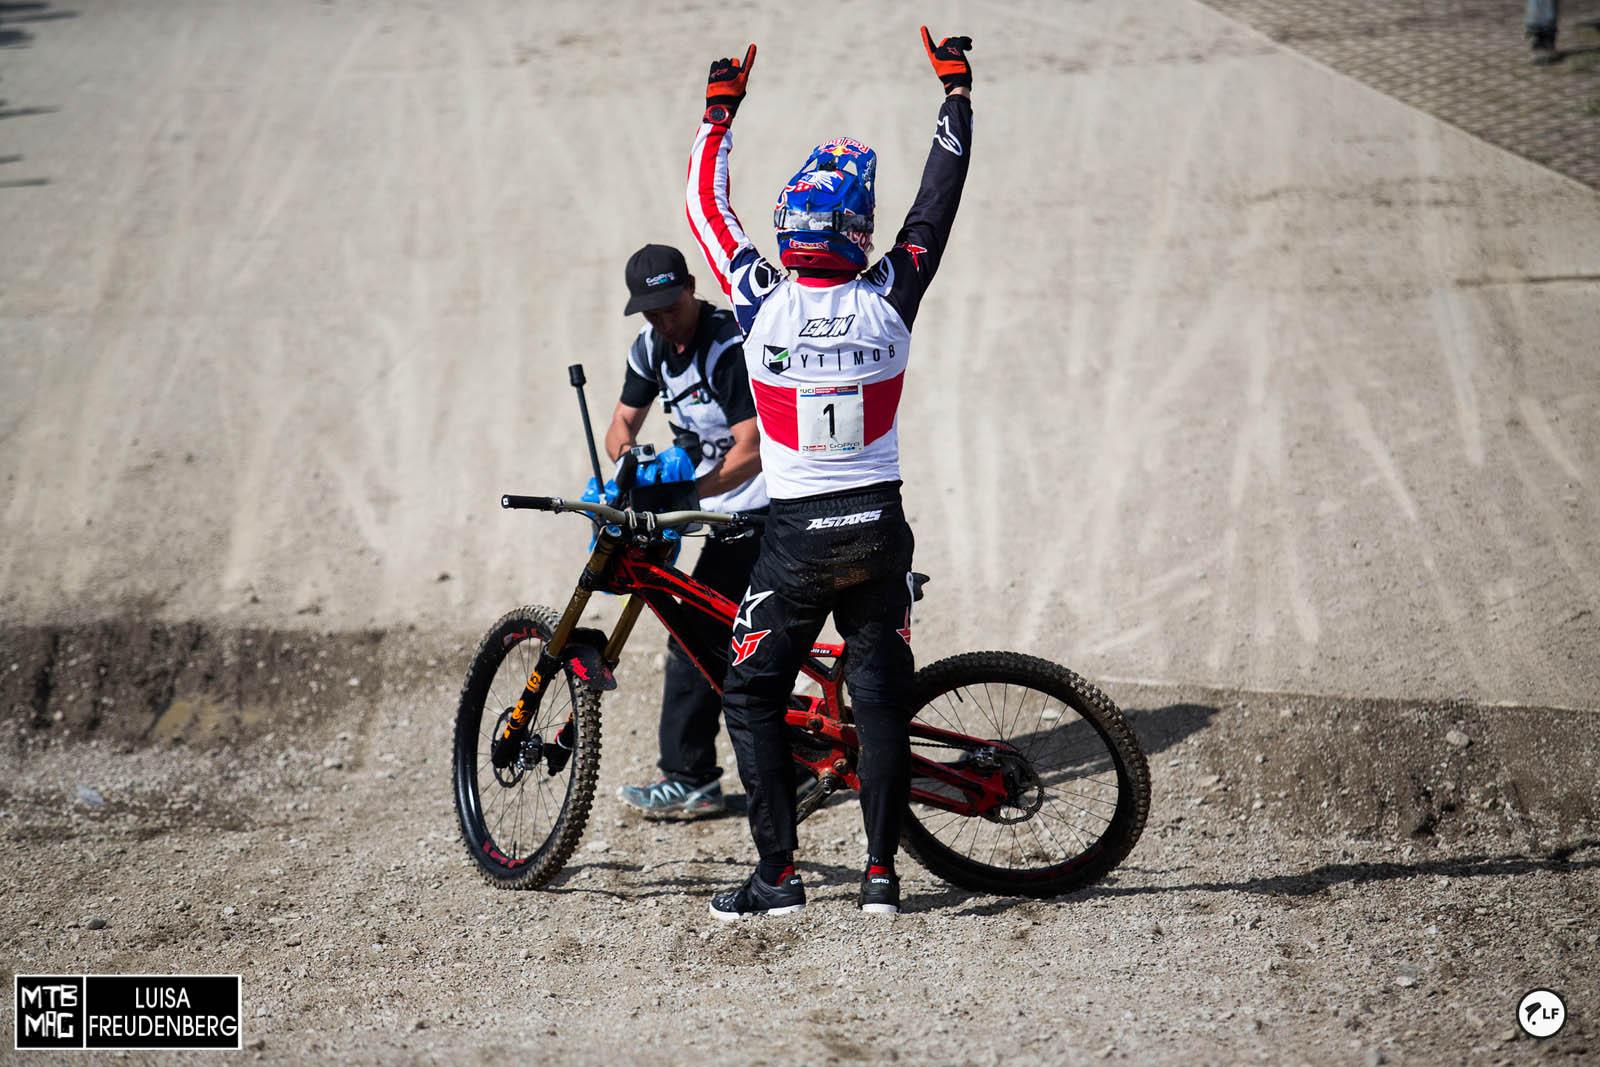 und er hat es wieder geschafft- Aaron Gwin entschied den Weltcup für sich und dieses Jahr ganz ohne technische Probleme. Obwohl wir in Leogang sind.